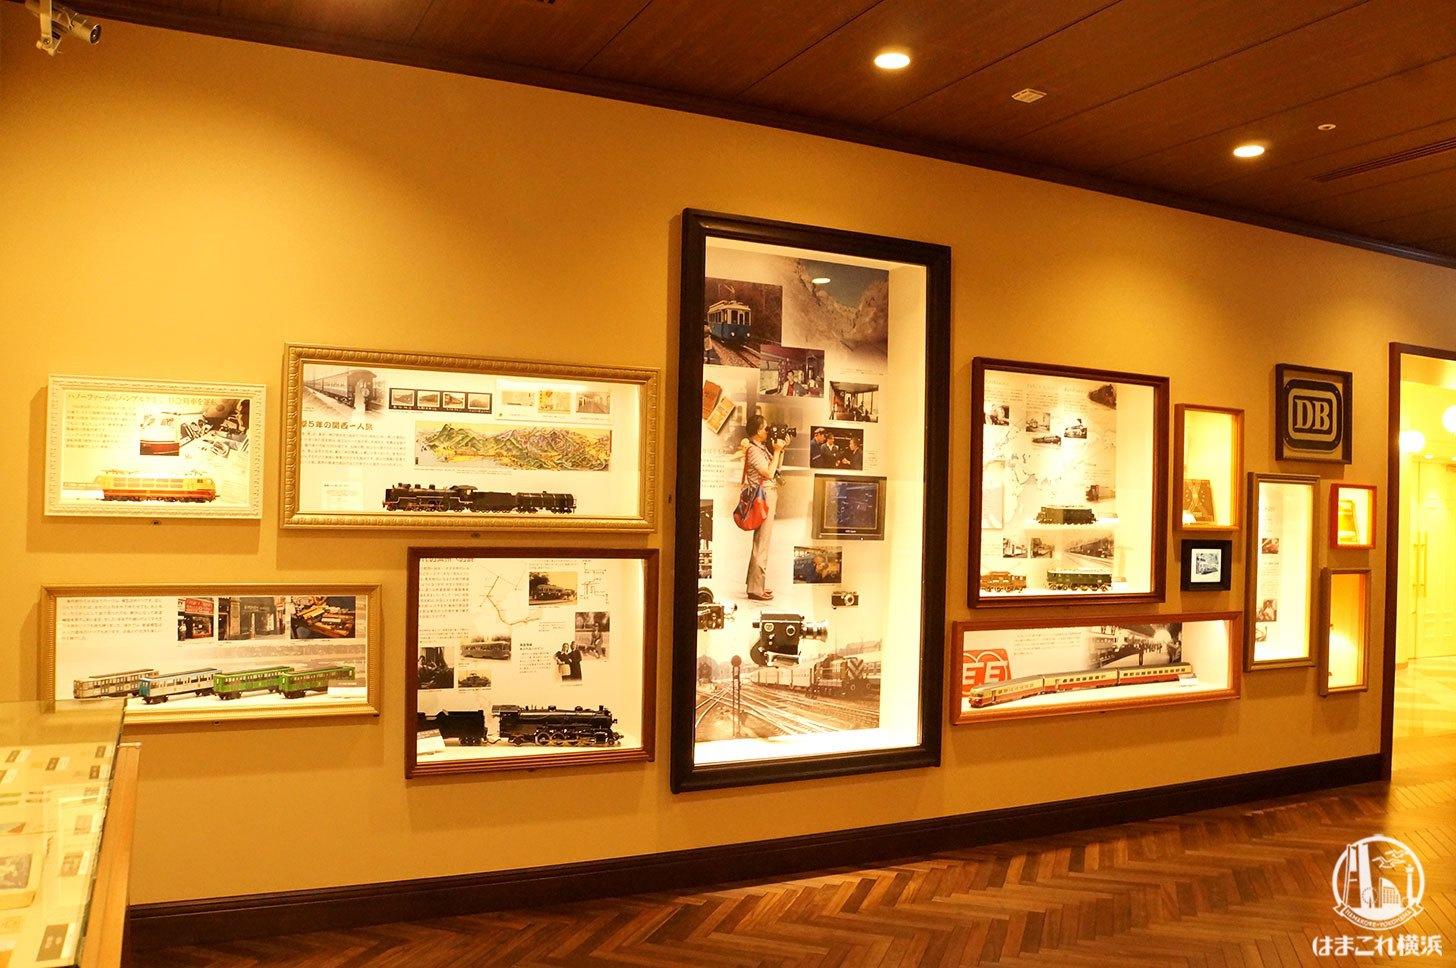 原鉄道模型博物館 鉄道模型